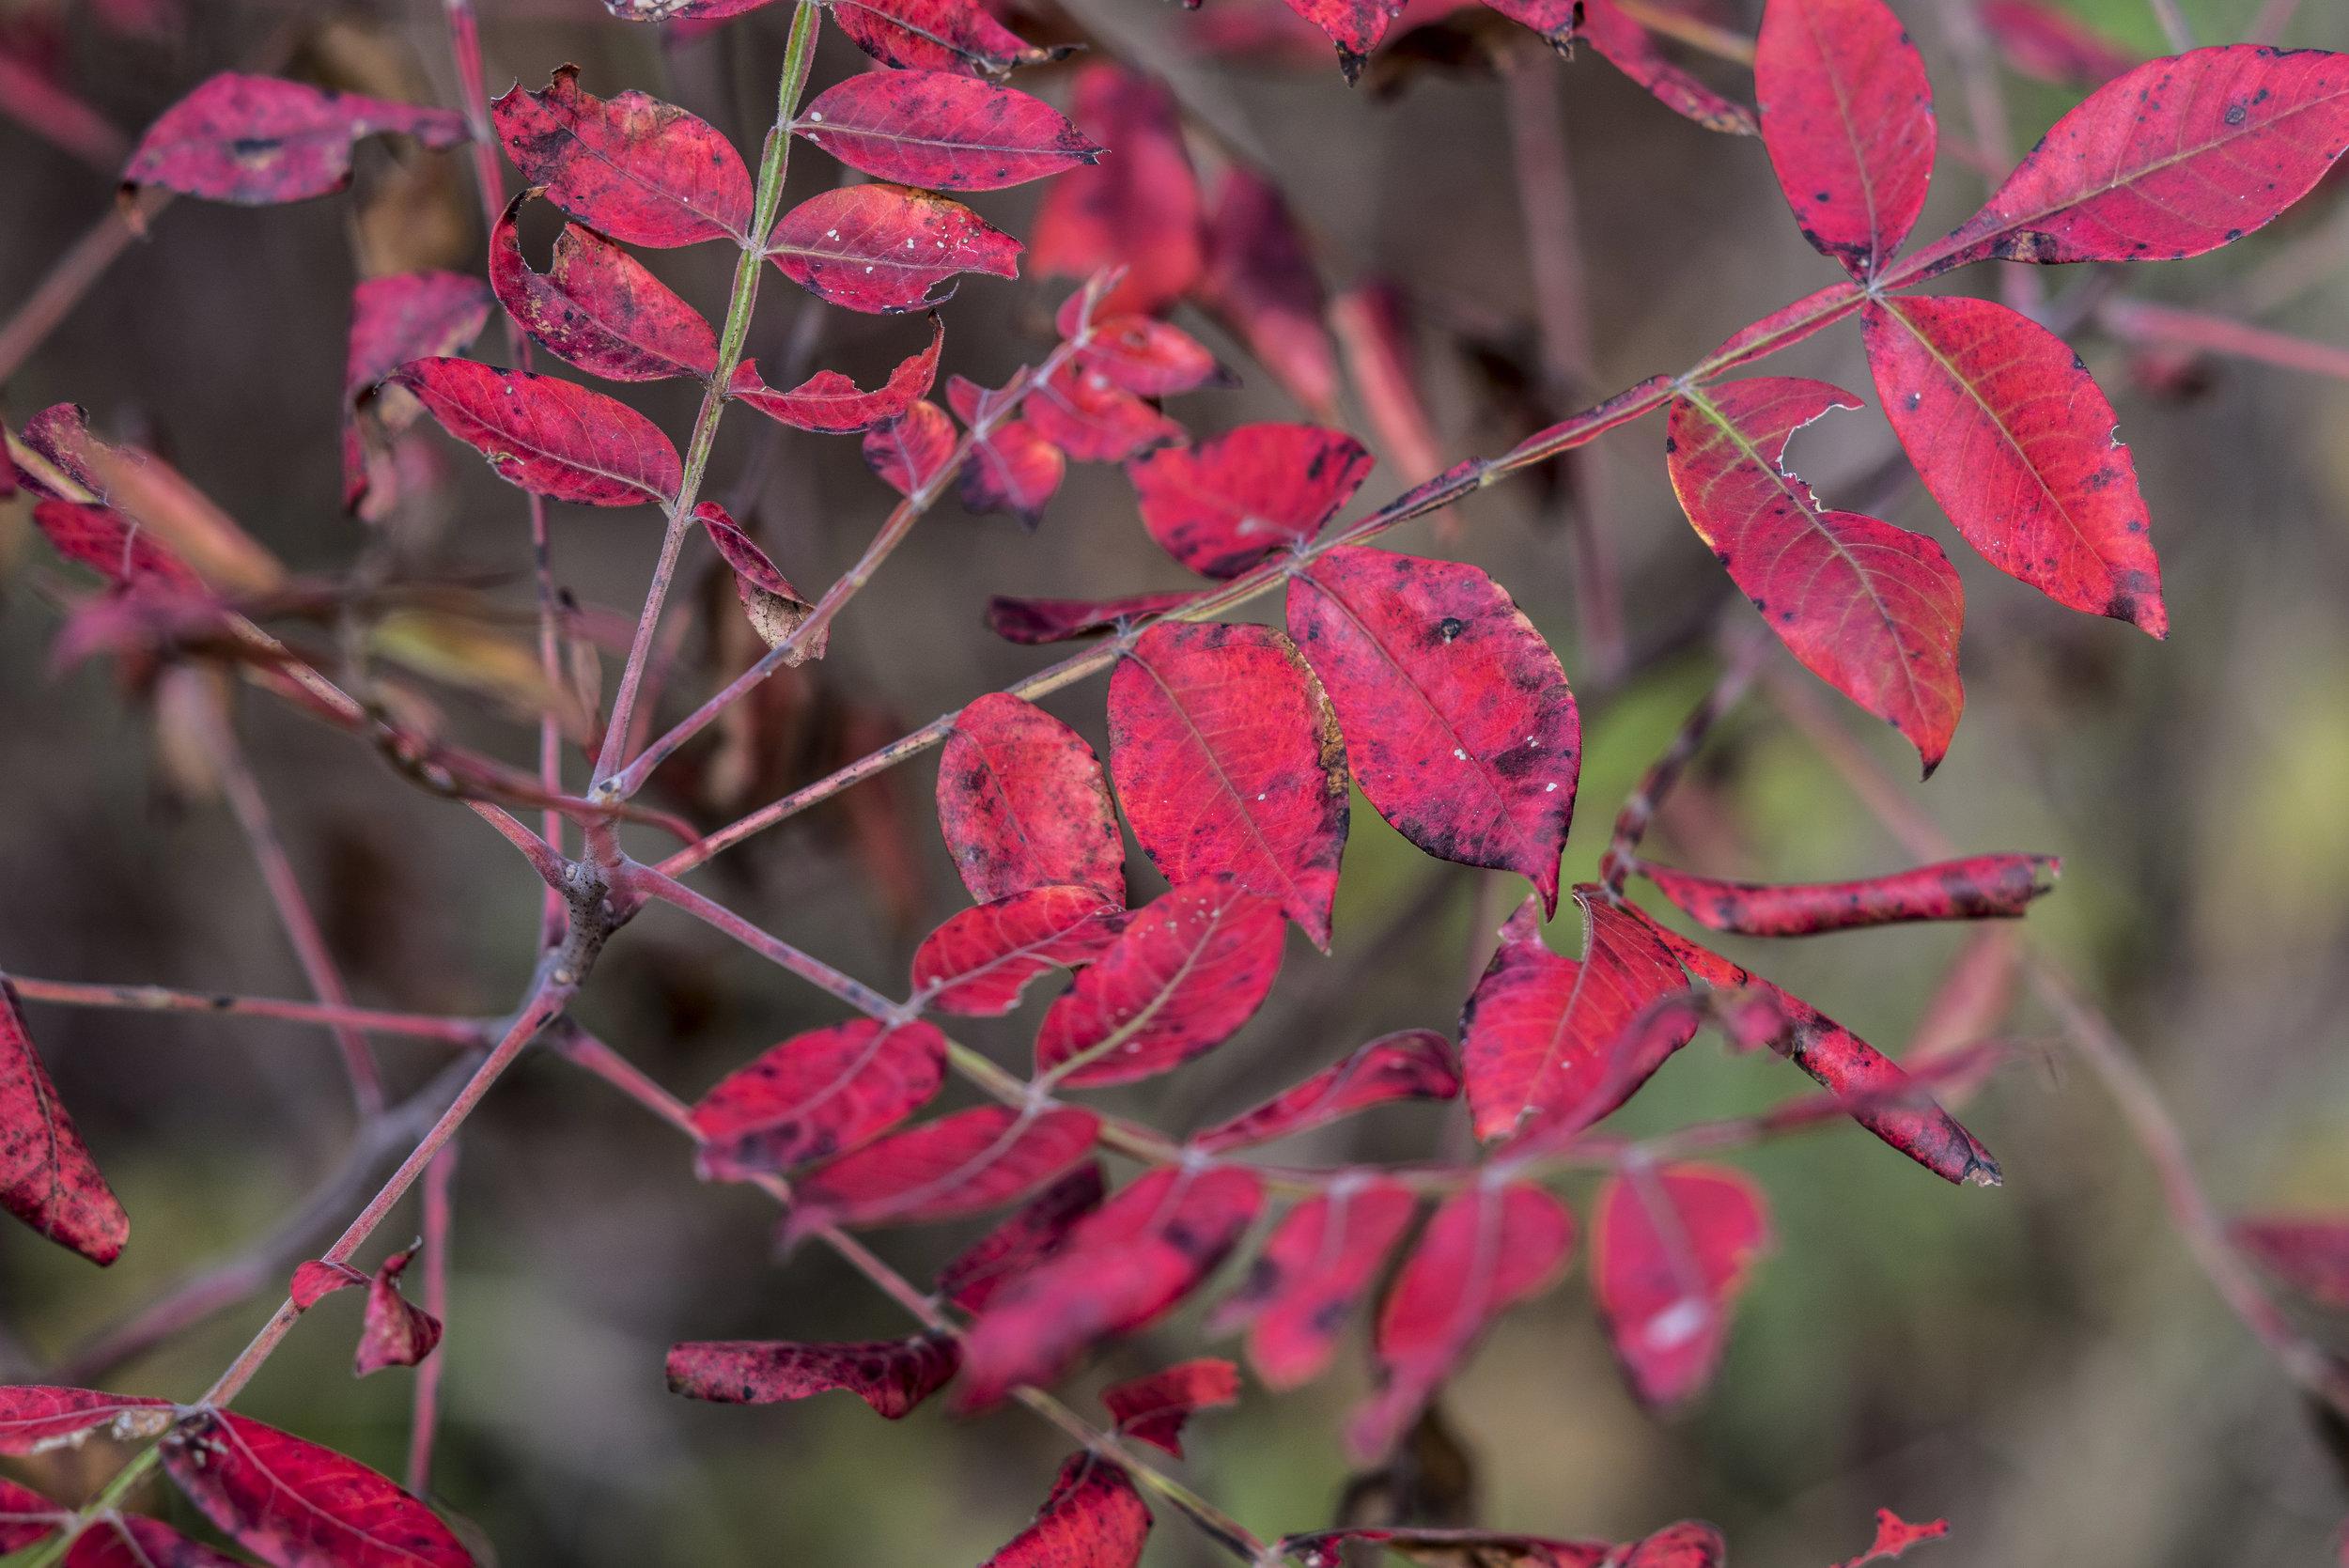 RED LEAF_1.jpg